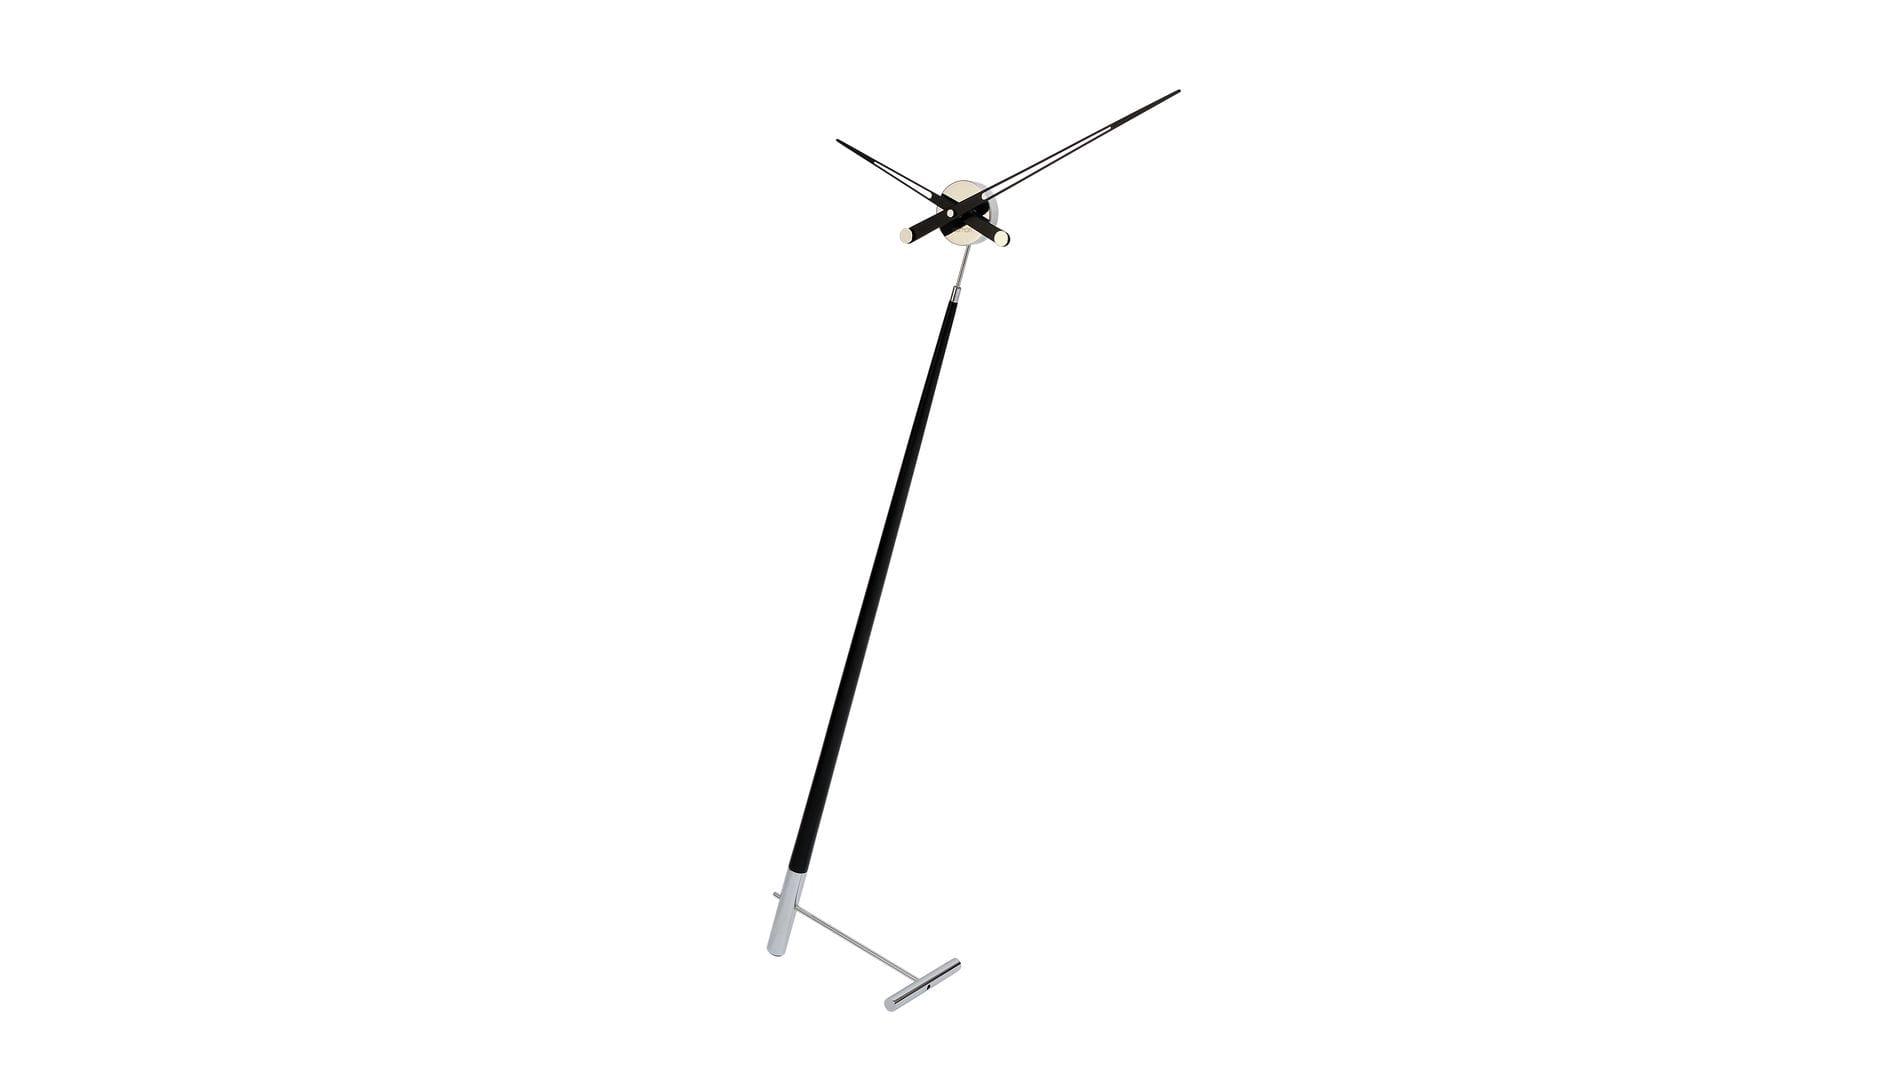 Часы Nomon Pisa L BLACK, хромированная сталь/черный лак, d=73 см, h=150cm